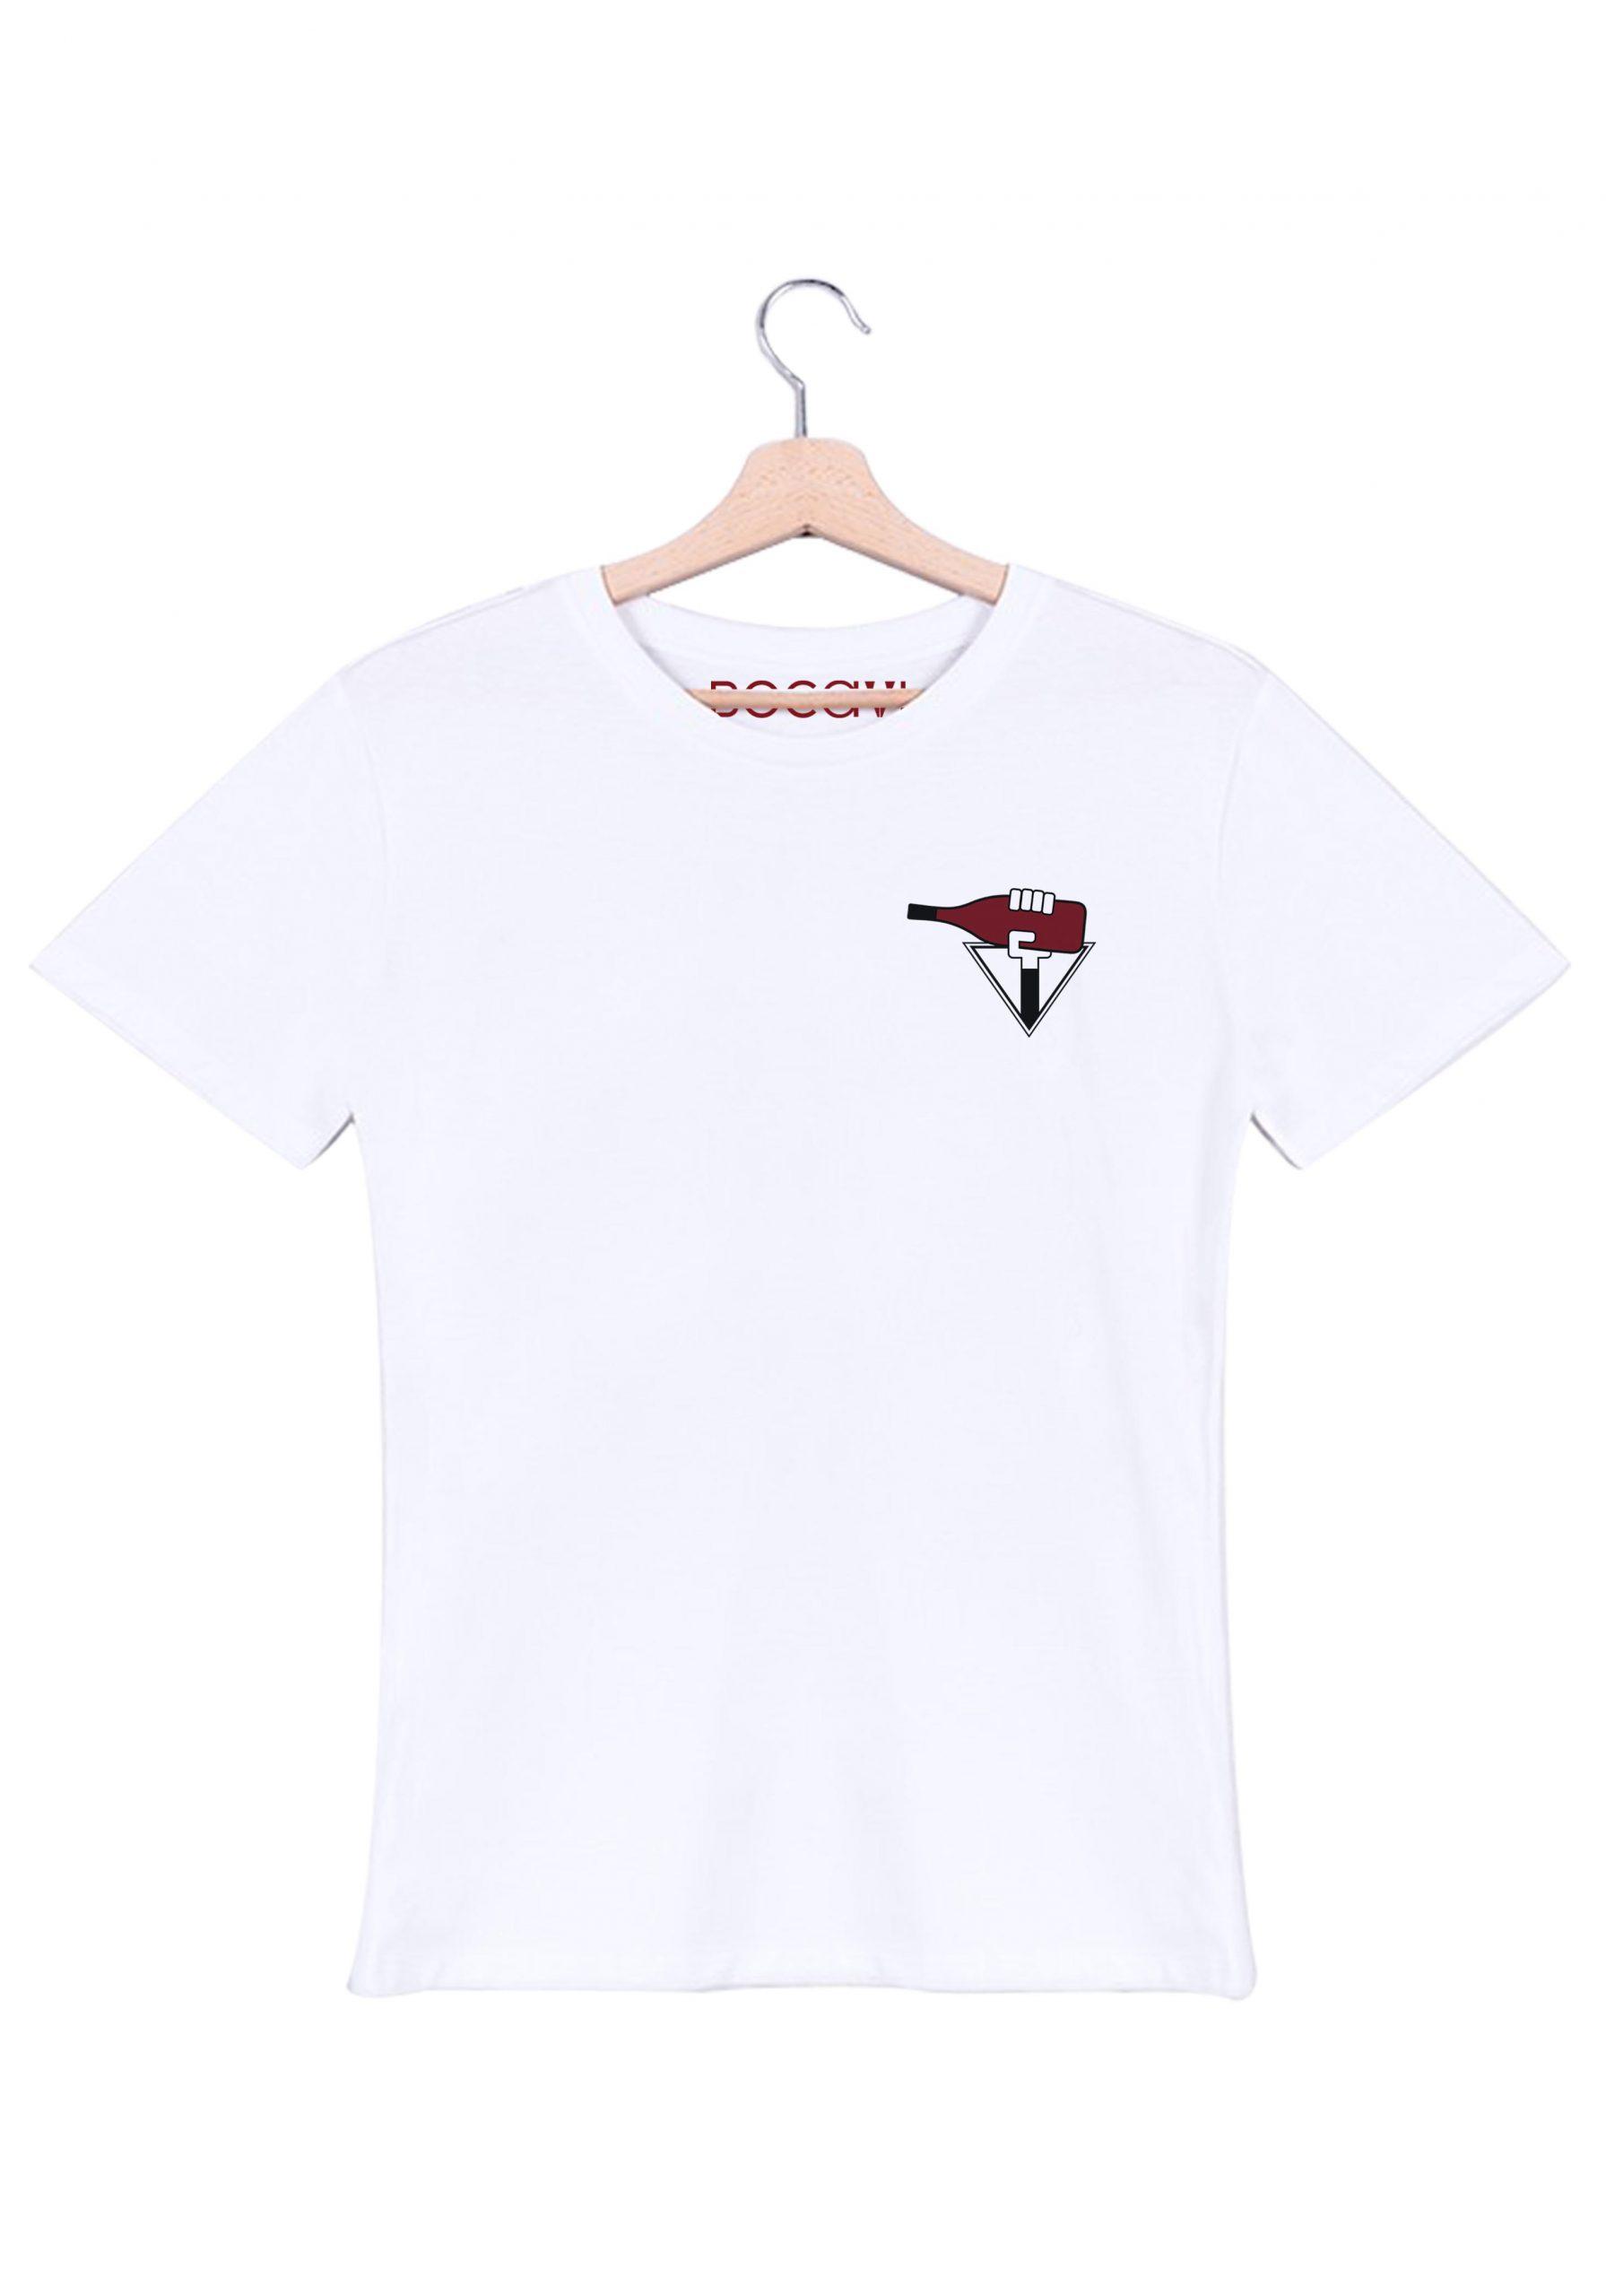 rhodanienne cote du rhone lirac rouge t-shirt blanc homme bocavi du vin dans ta penderie bouteilles viticole vigneron wine